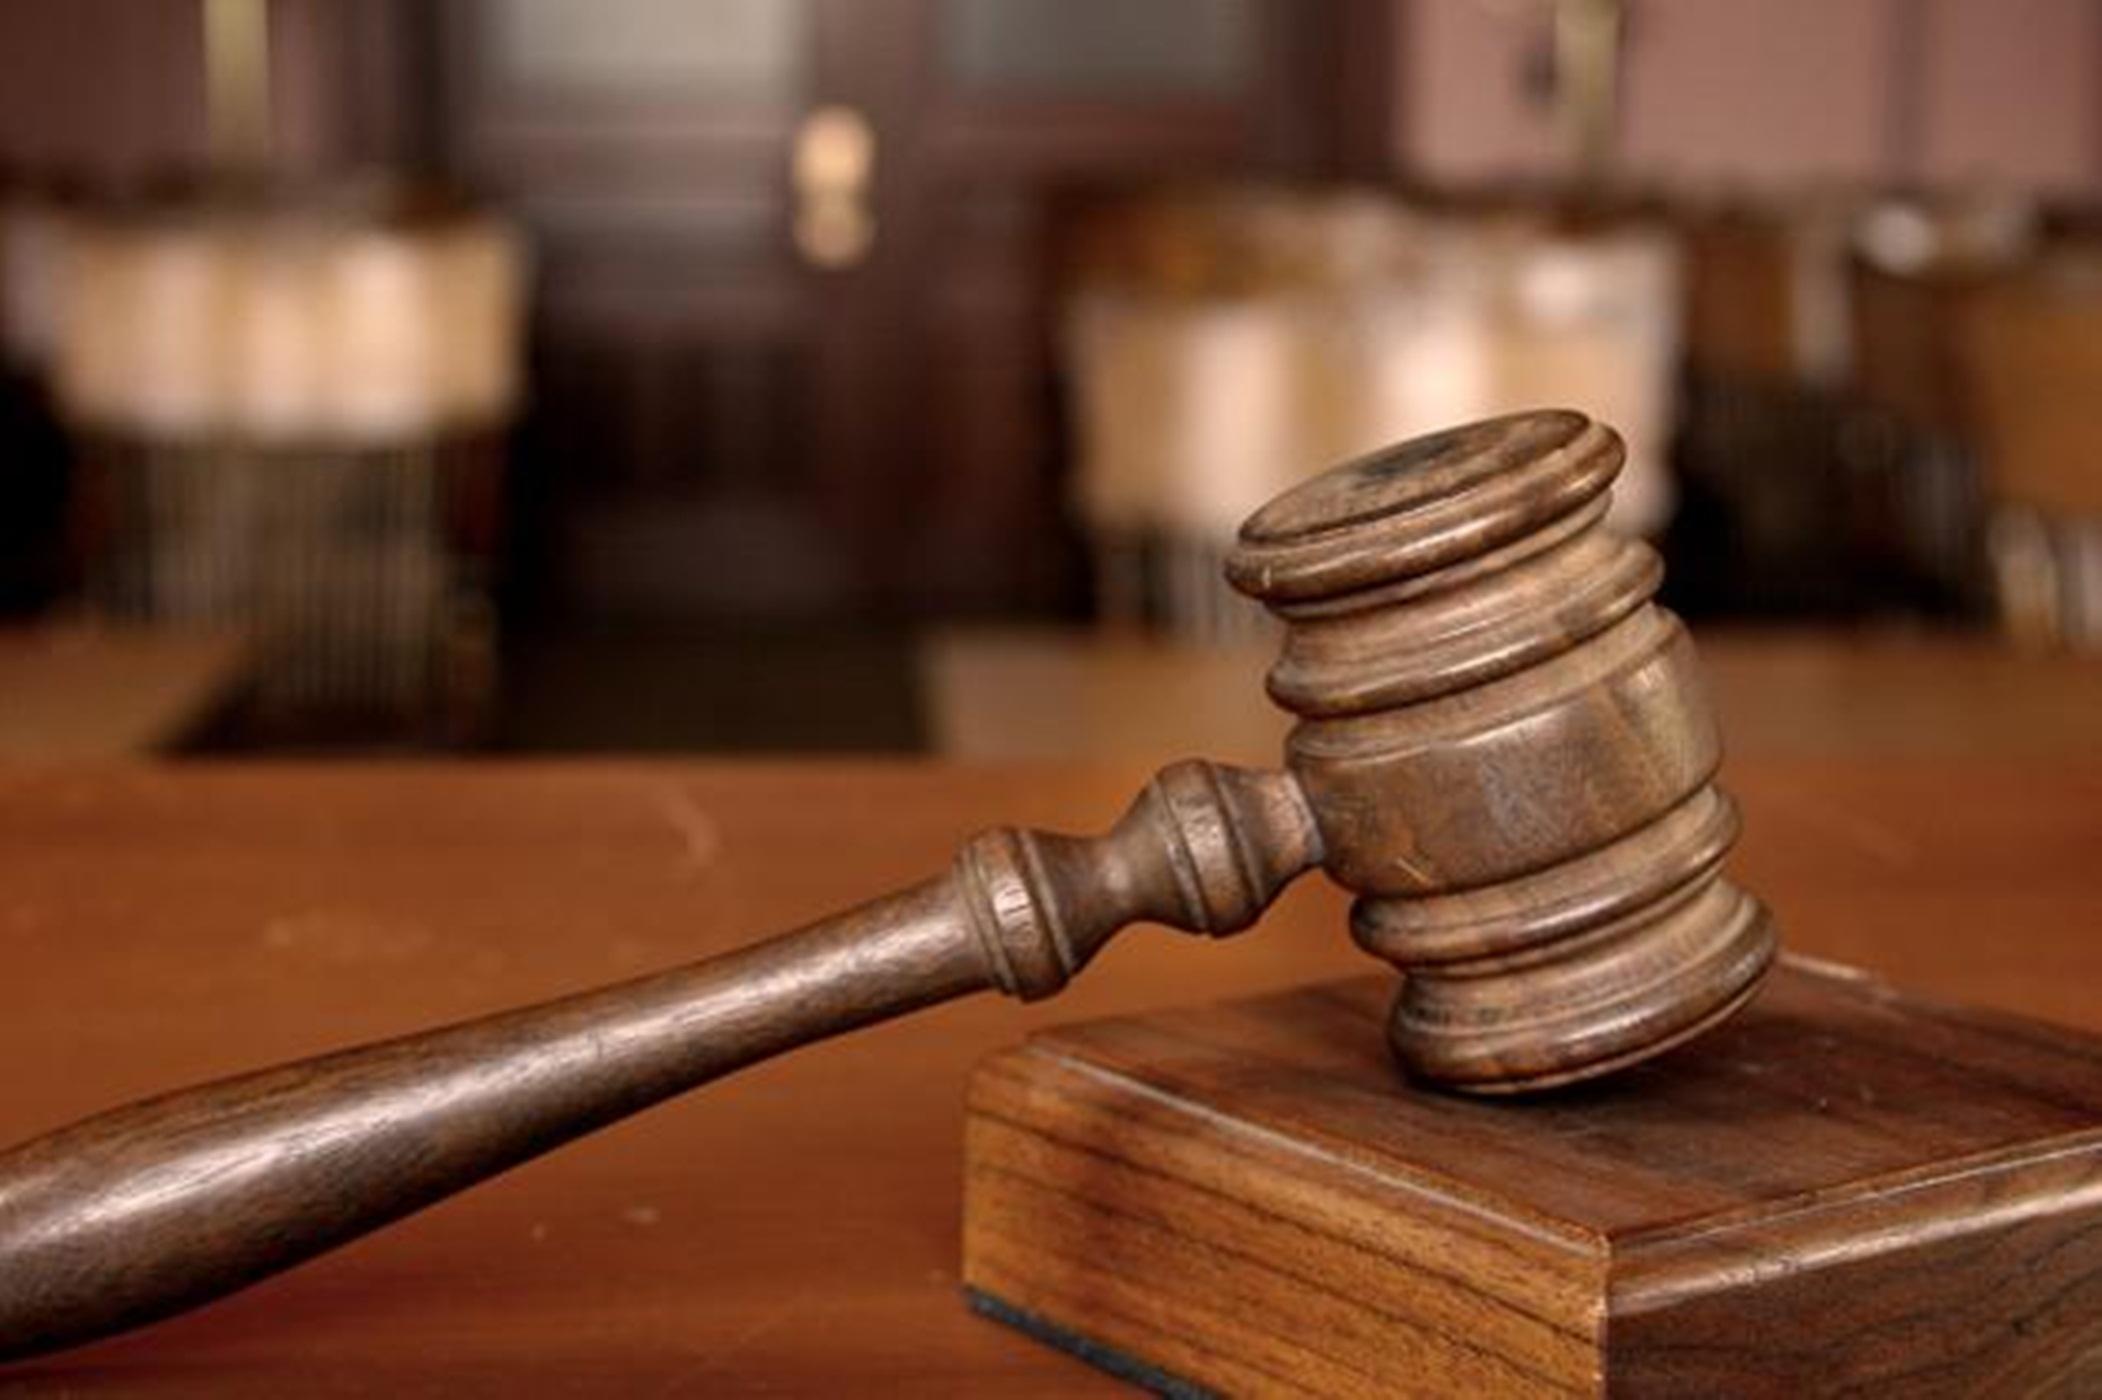 تأجيل دعوى إسقاط الجنسية عن معتز مطر والعناصر الإخوانية الهاربة لجلسة ١٨ أبريل